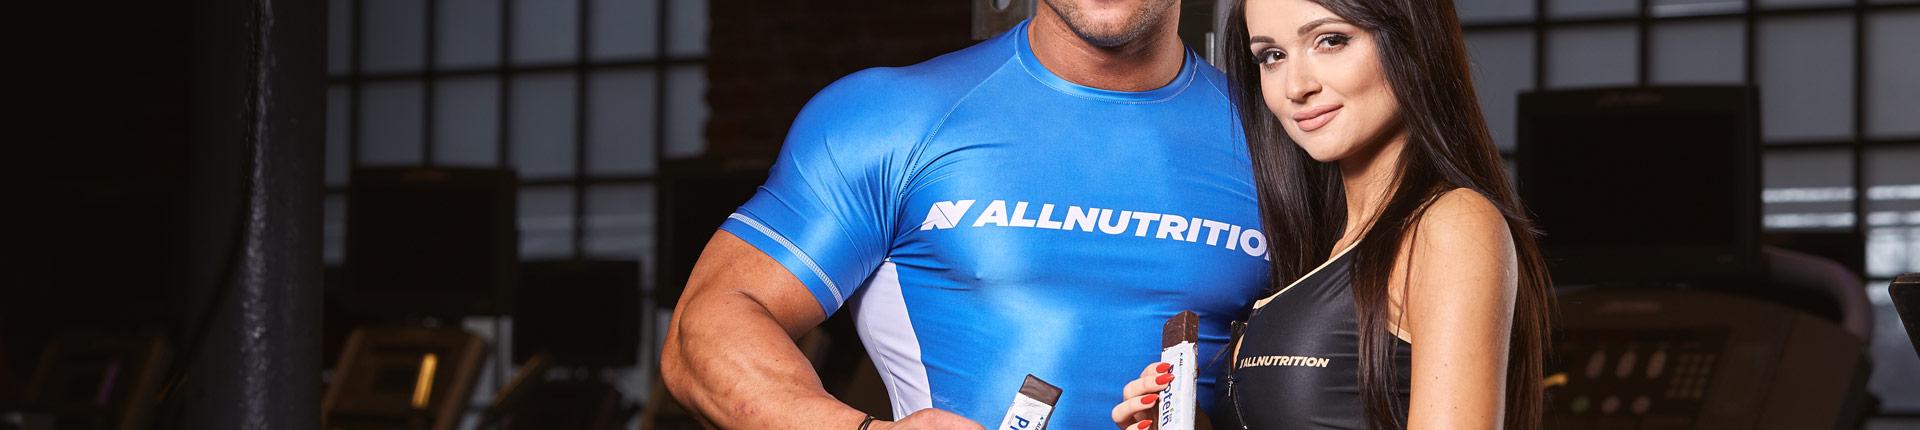 Baton bez cukru. Batony proteinowe dla sportowców